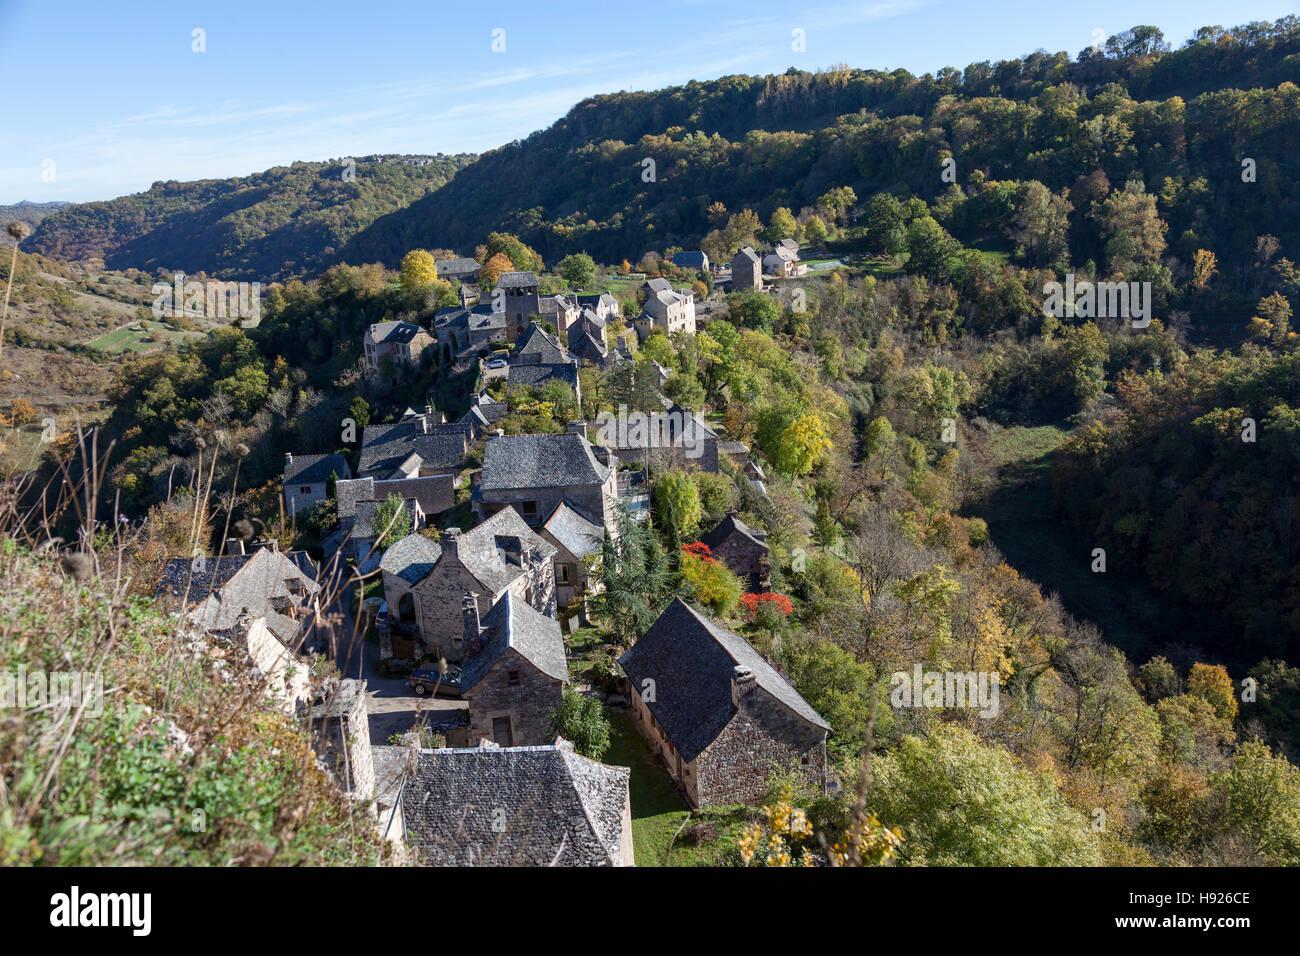 Un high angle shot sur les toits du village de Rodelle perché sur son piton rocheux (France). Les toits du Photo Stock